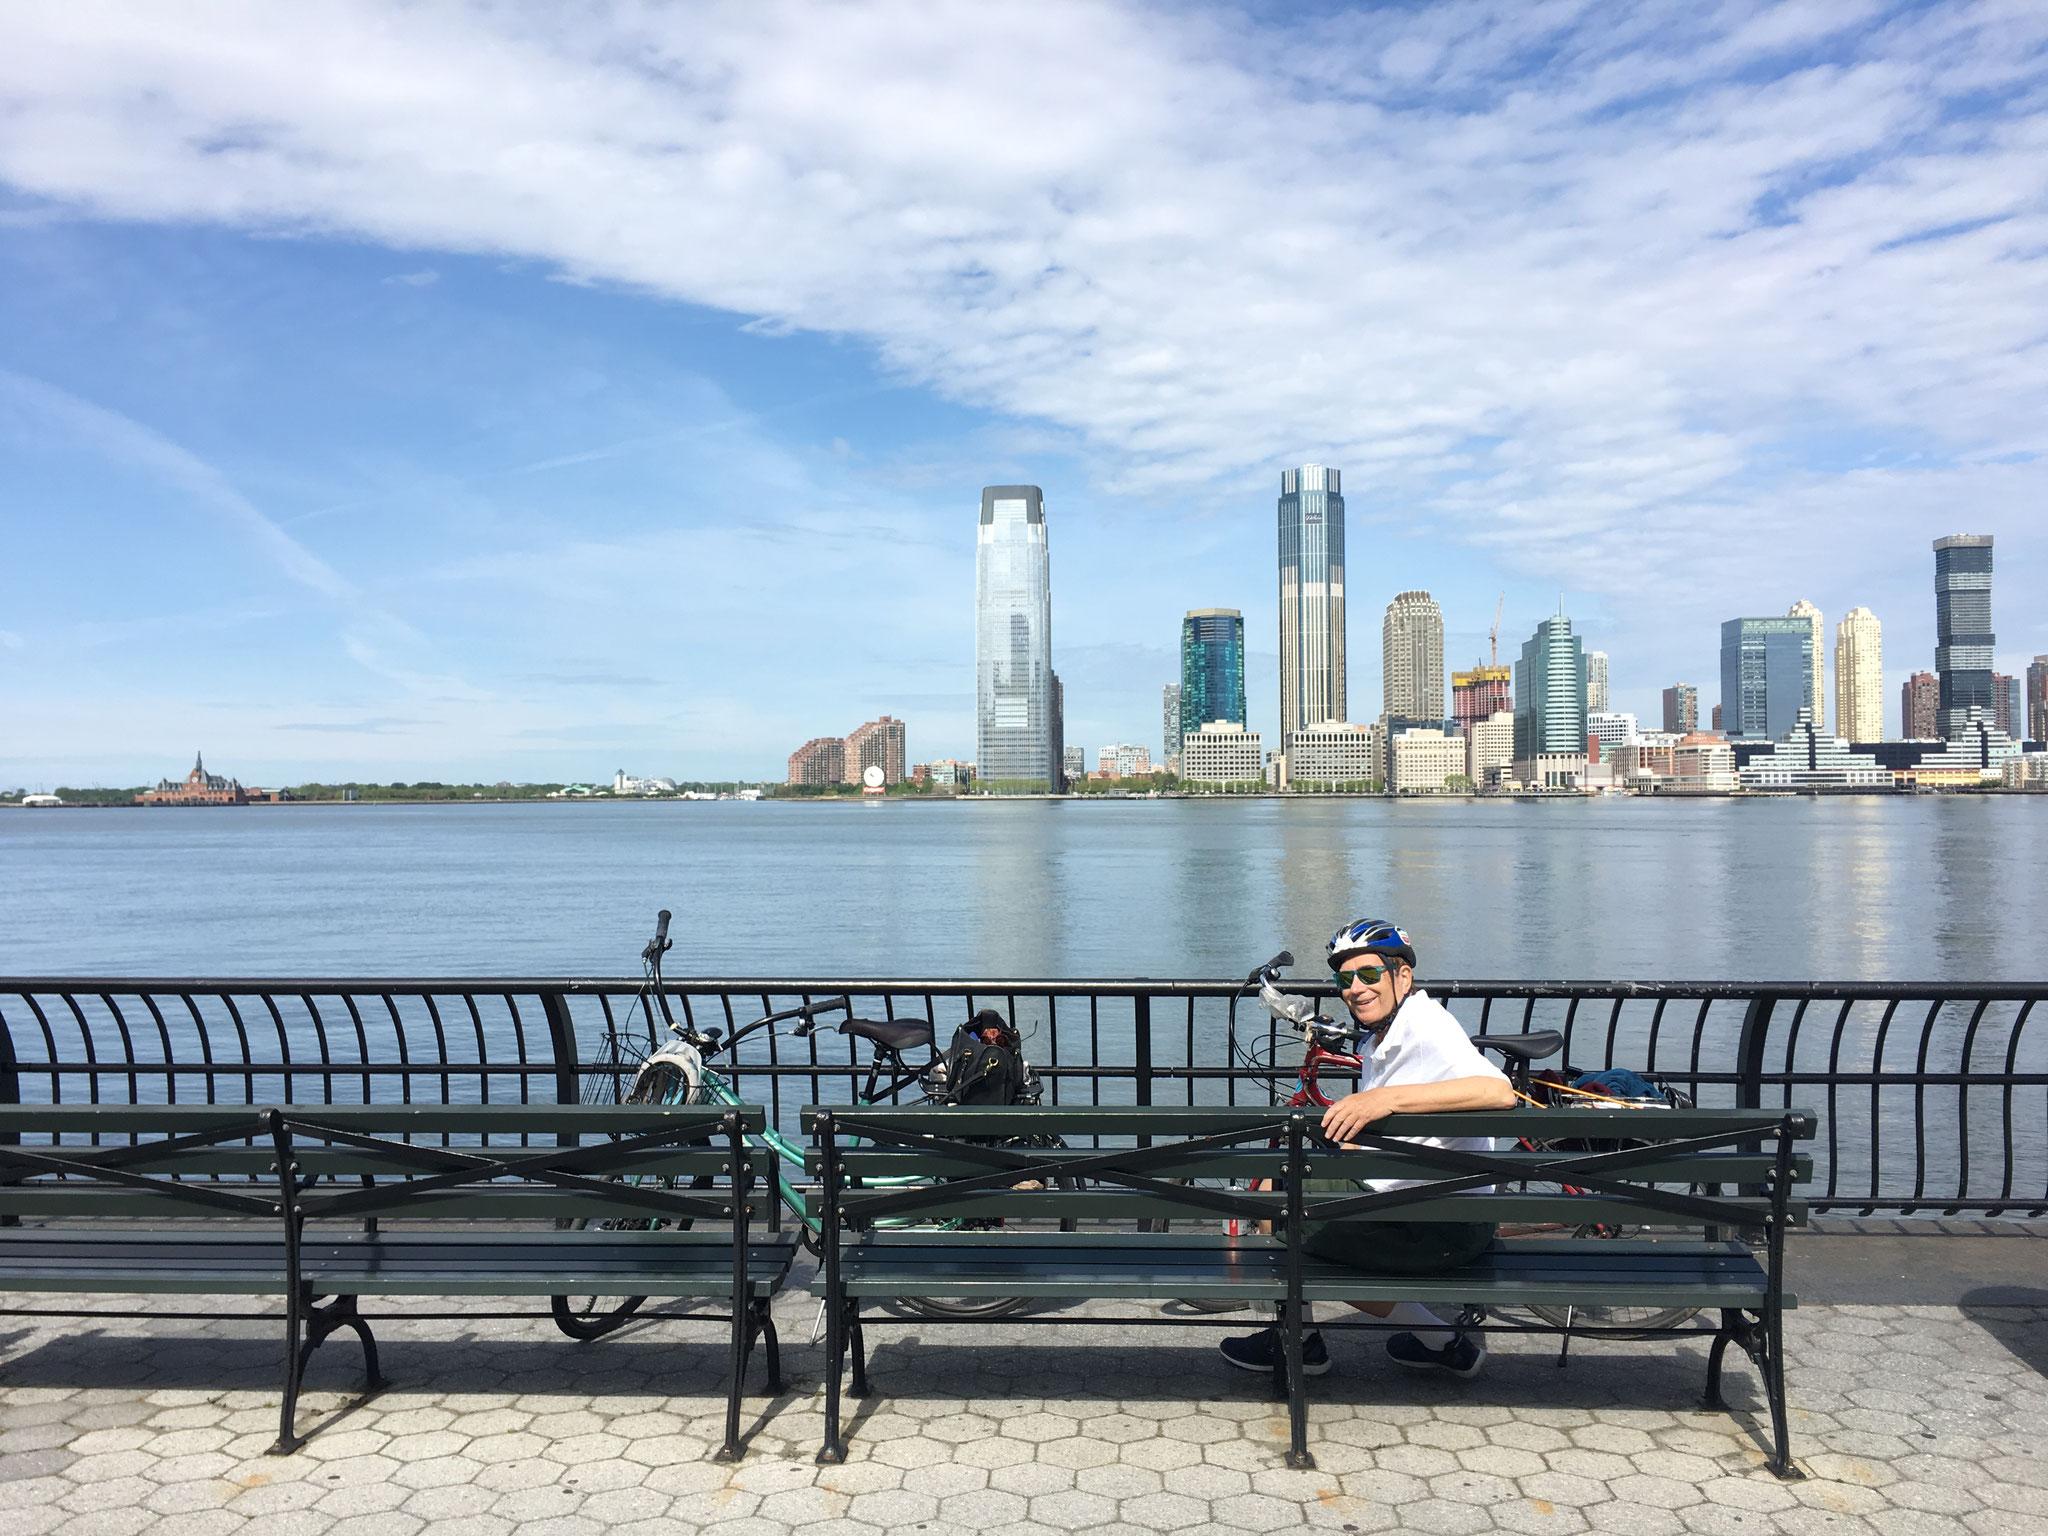 Biking around lower Manhattan, May, 2020